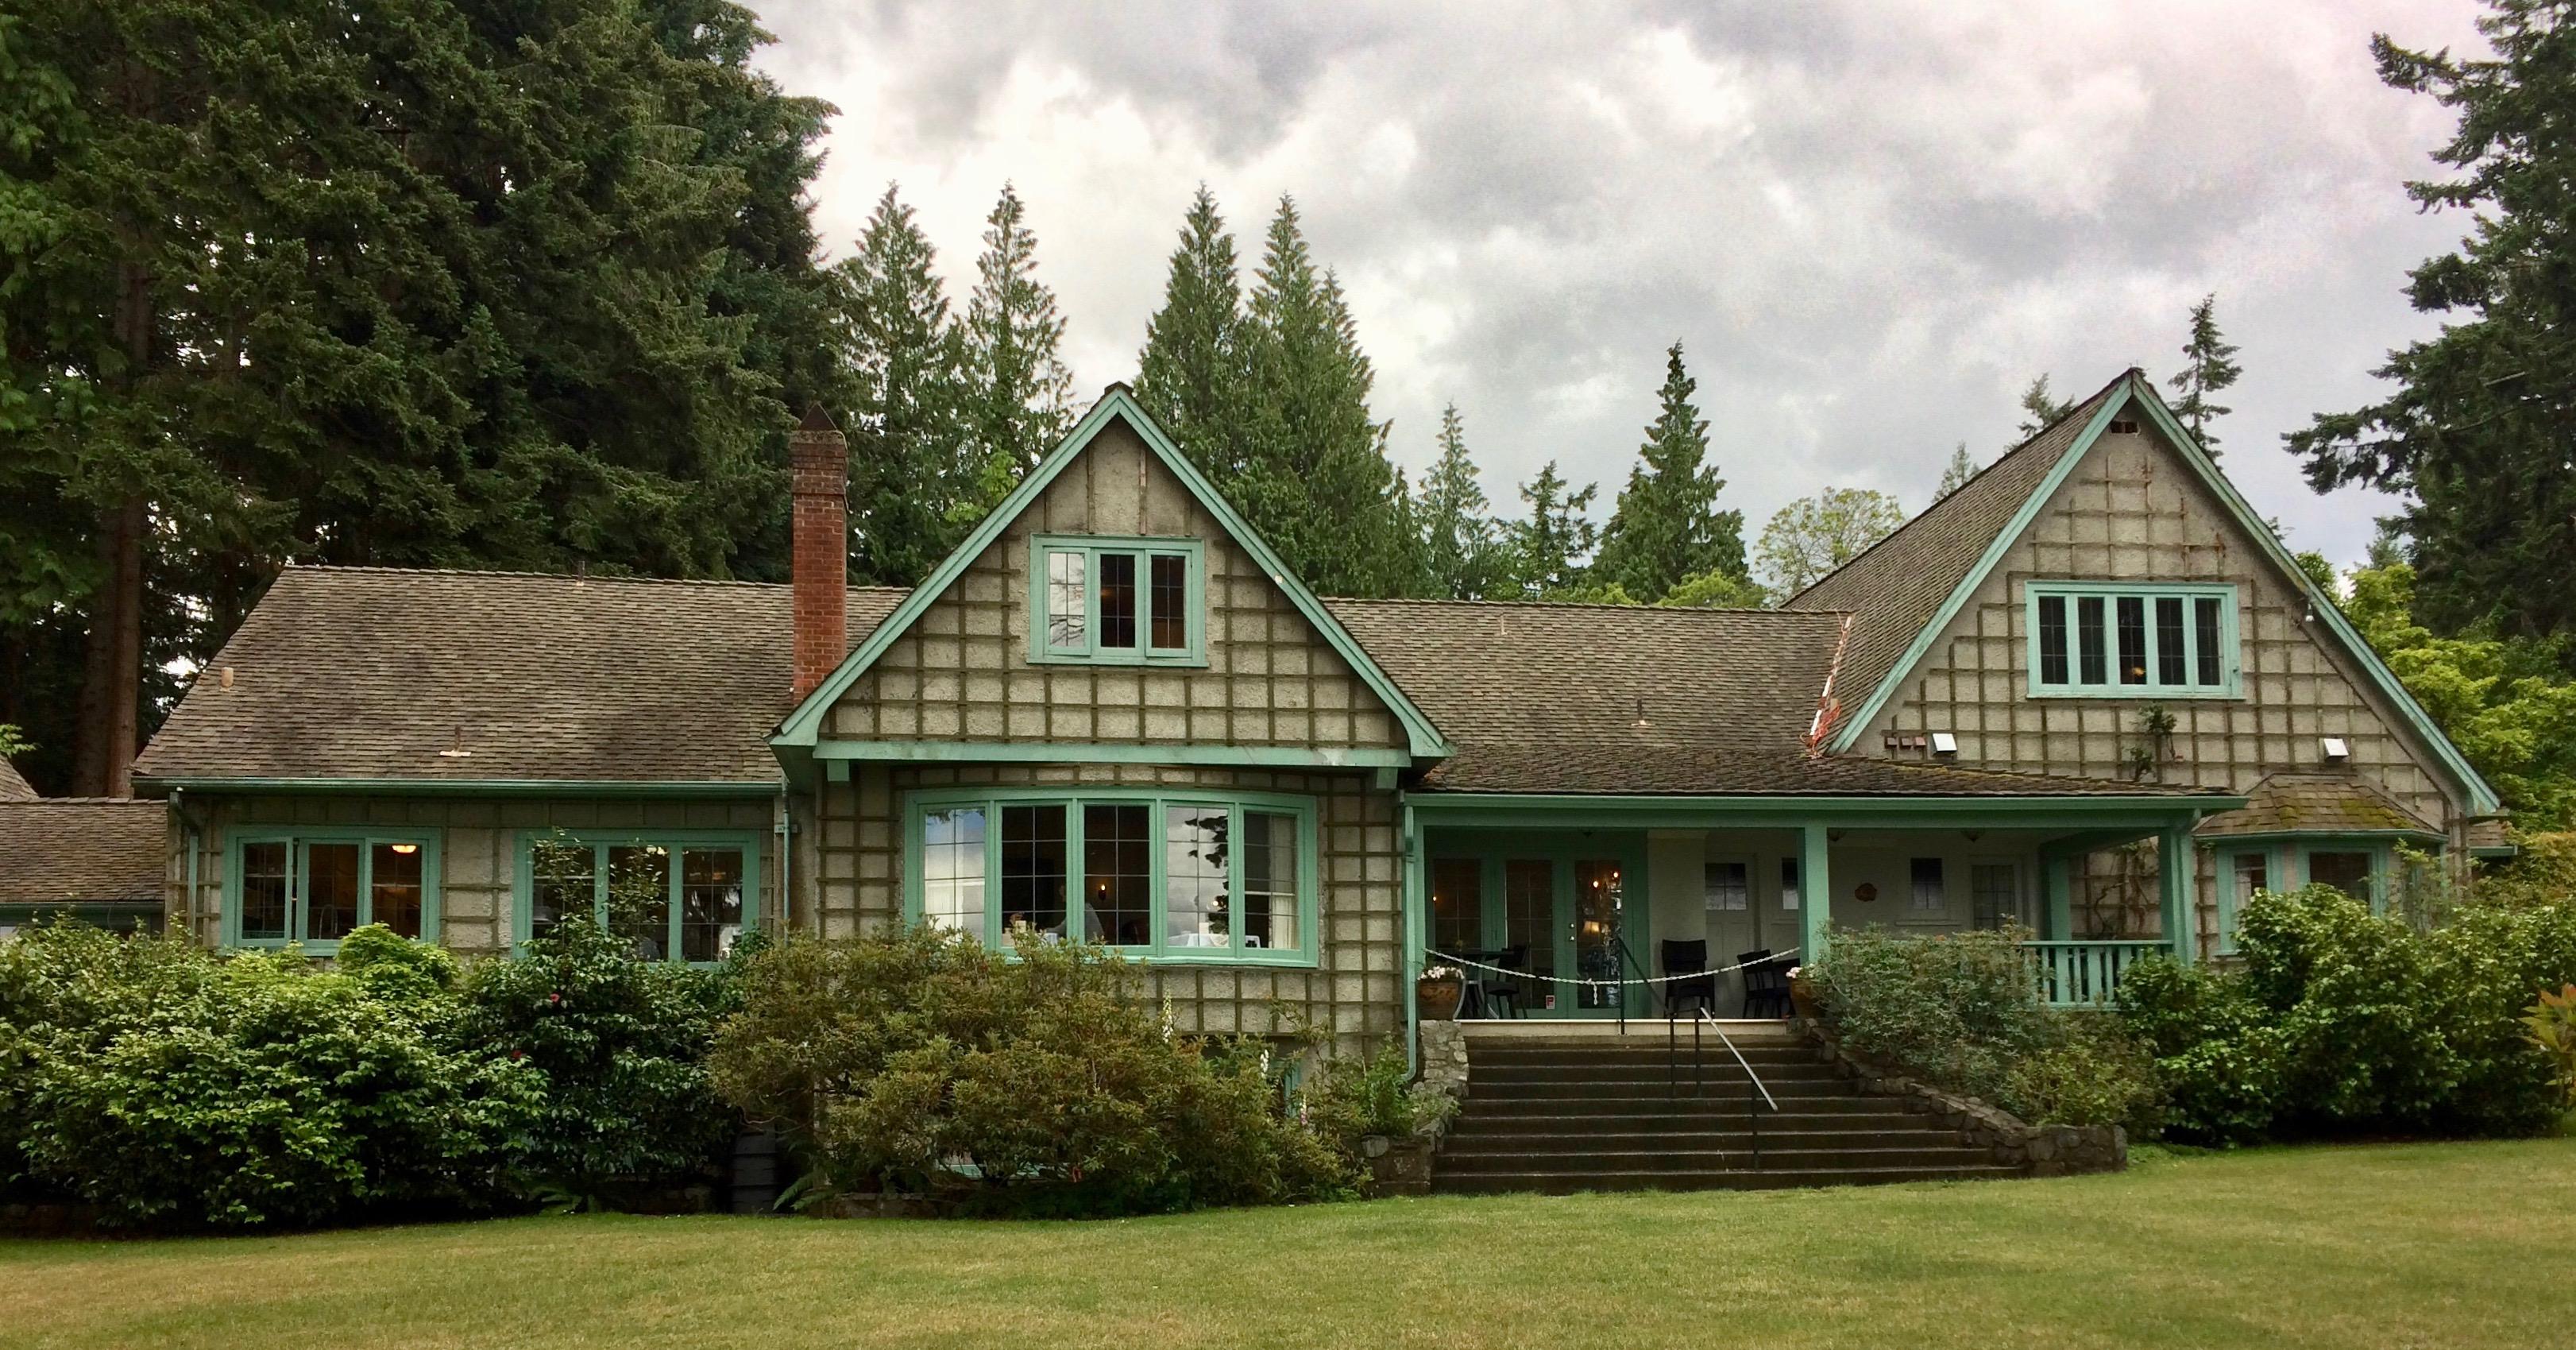 Milner Gardens mansion